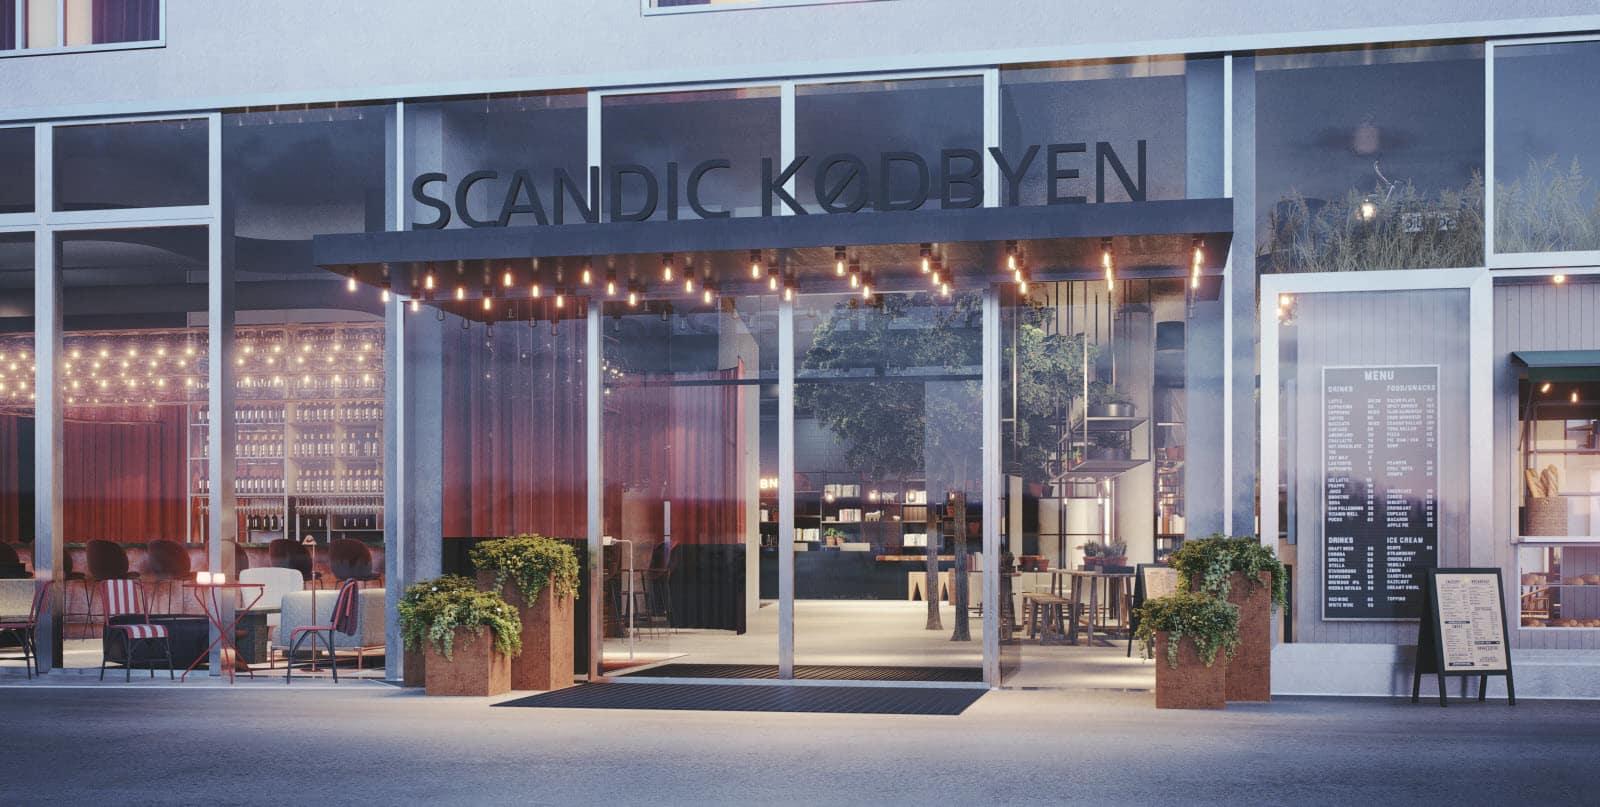 Facaden på det store nye Scandic Kødbyen, der åbner fredag den 7. oktober. Pressefoto: Scandic Hotels.